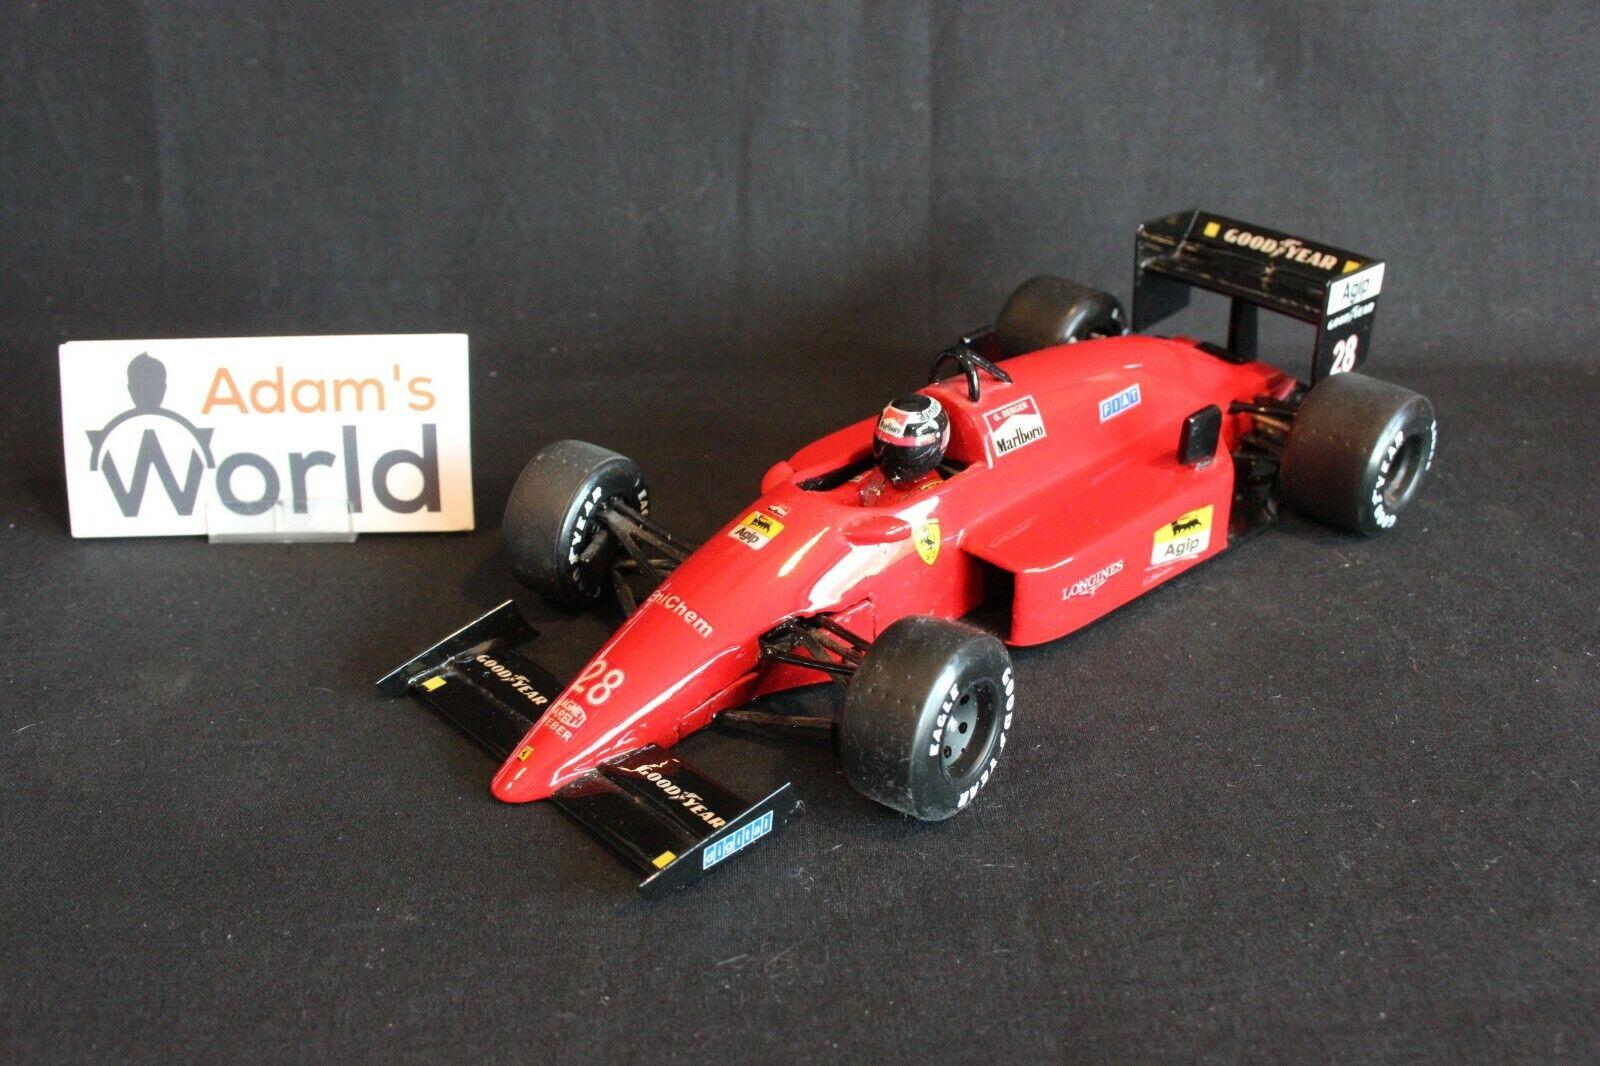 ¡no ser extrañado! F1 Factory Ferrari F187 88C 88C 88C 1988 1 18  28 Gerhard Berger (AUT) (PJBB) VERY RARE   Los mejores precios y los estilos más frescos.